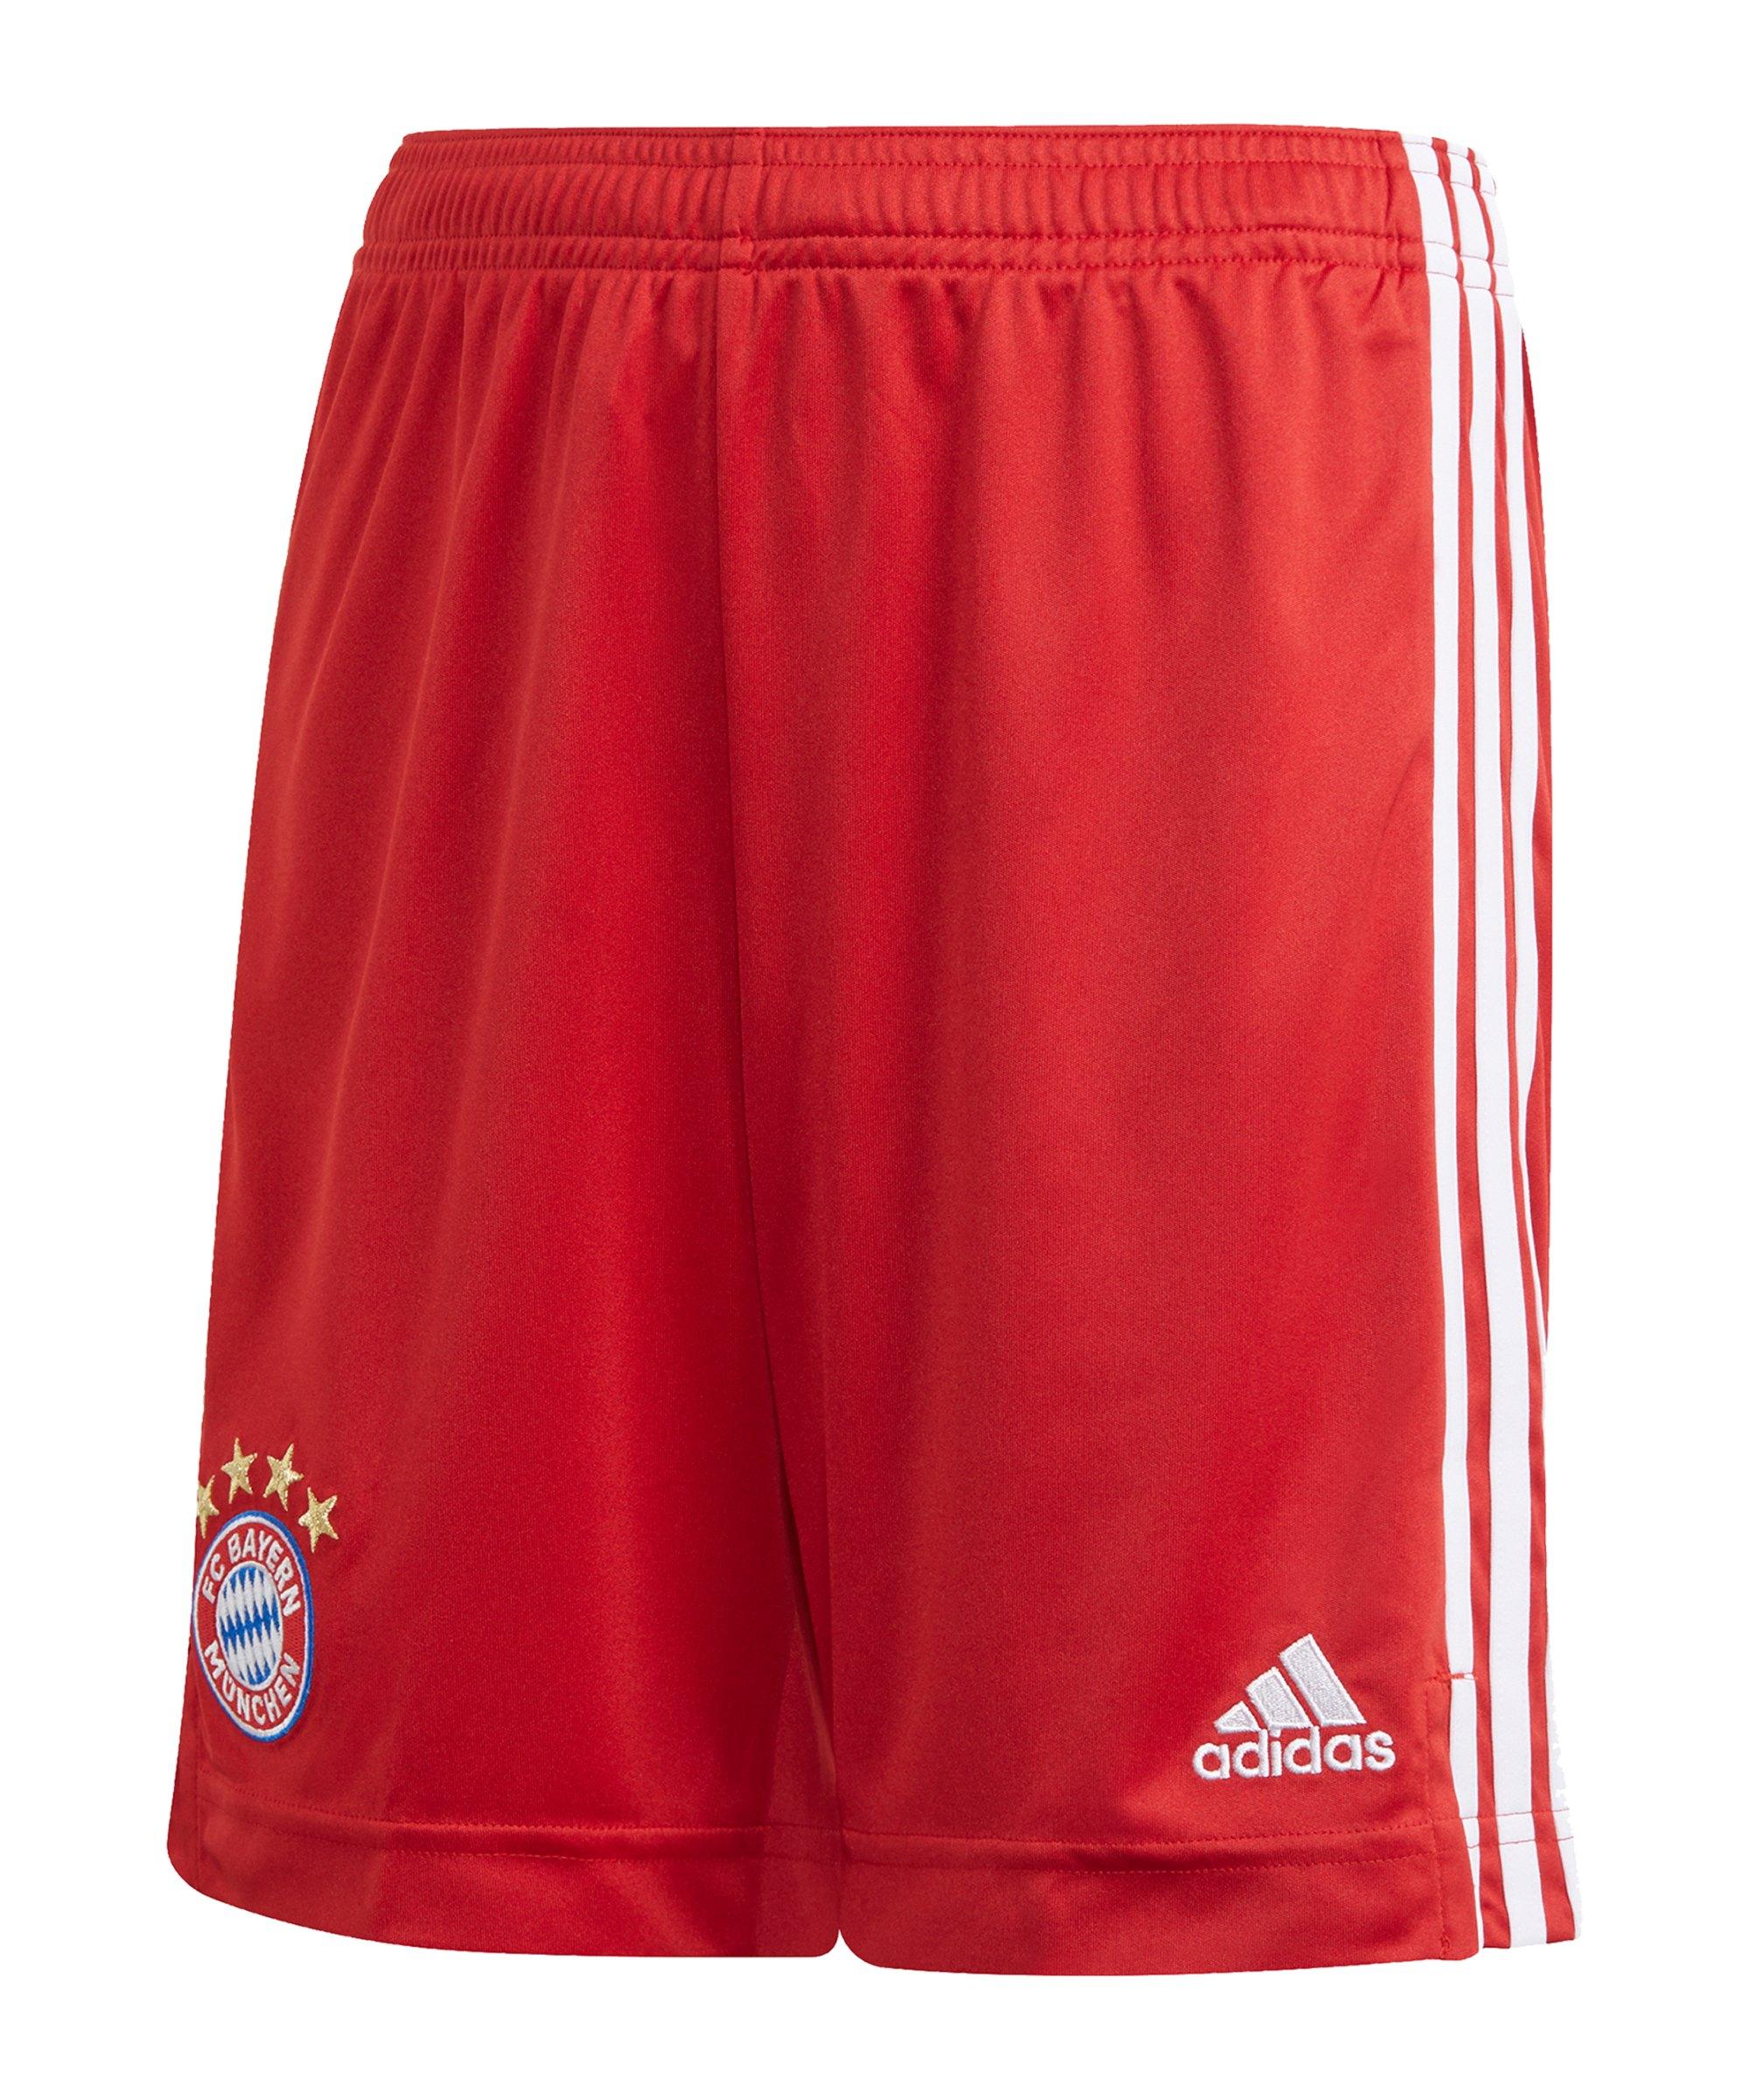 adidas FC Bayern München Short Home 2020/2021 Kids - rot